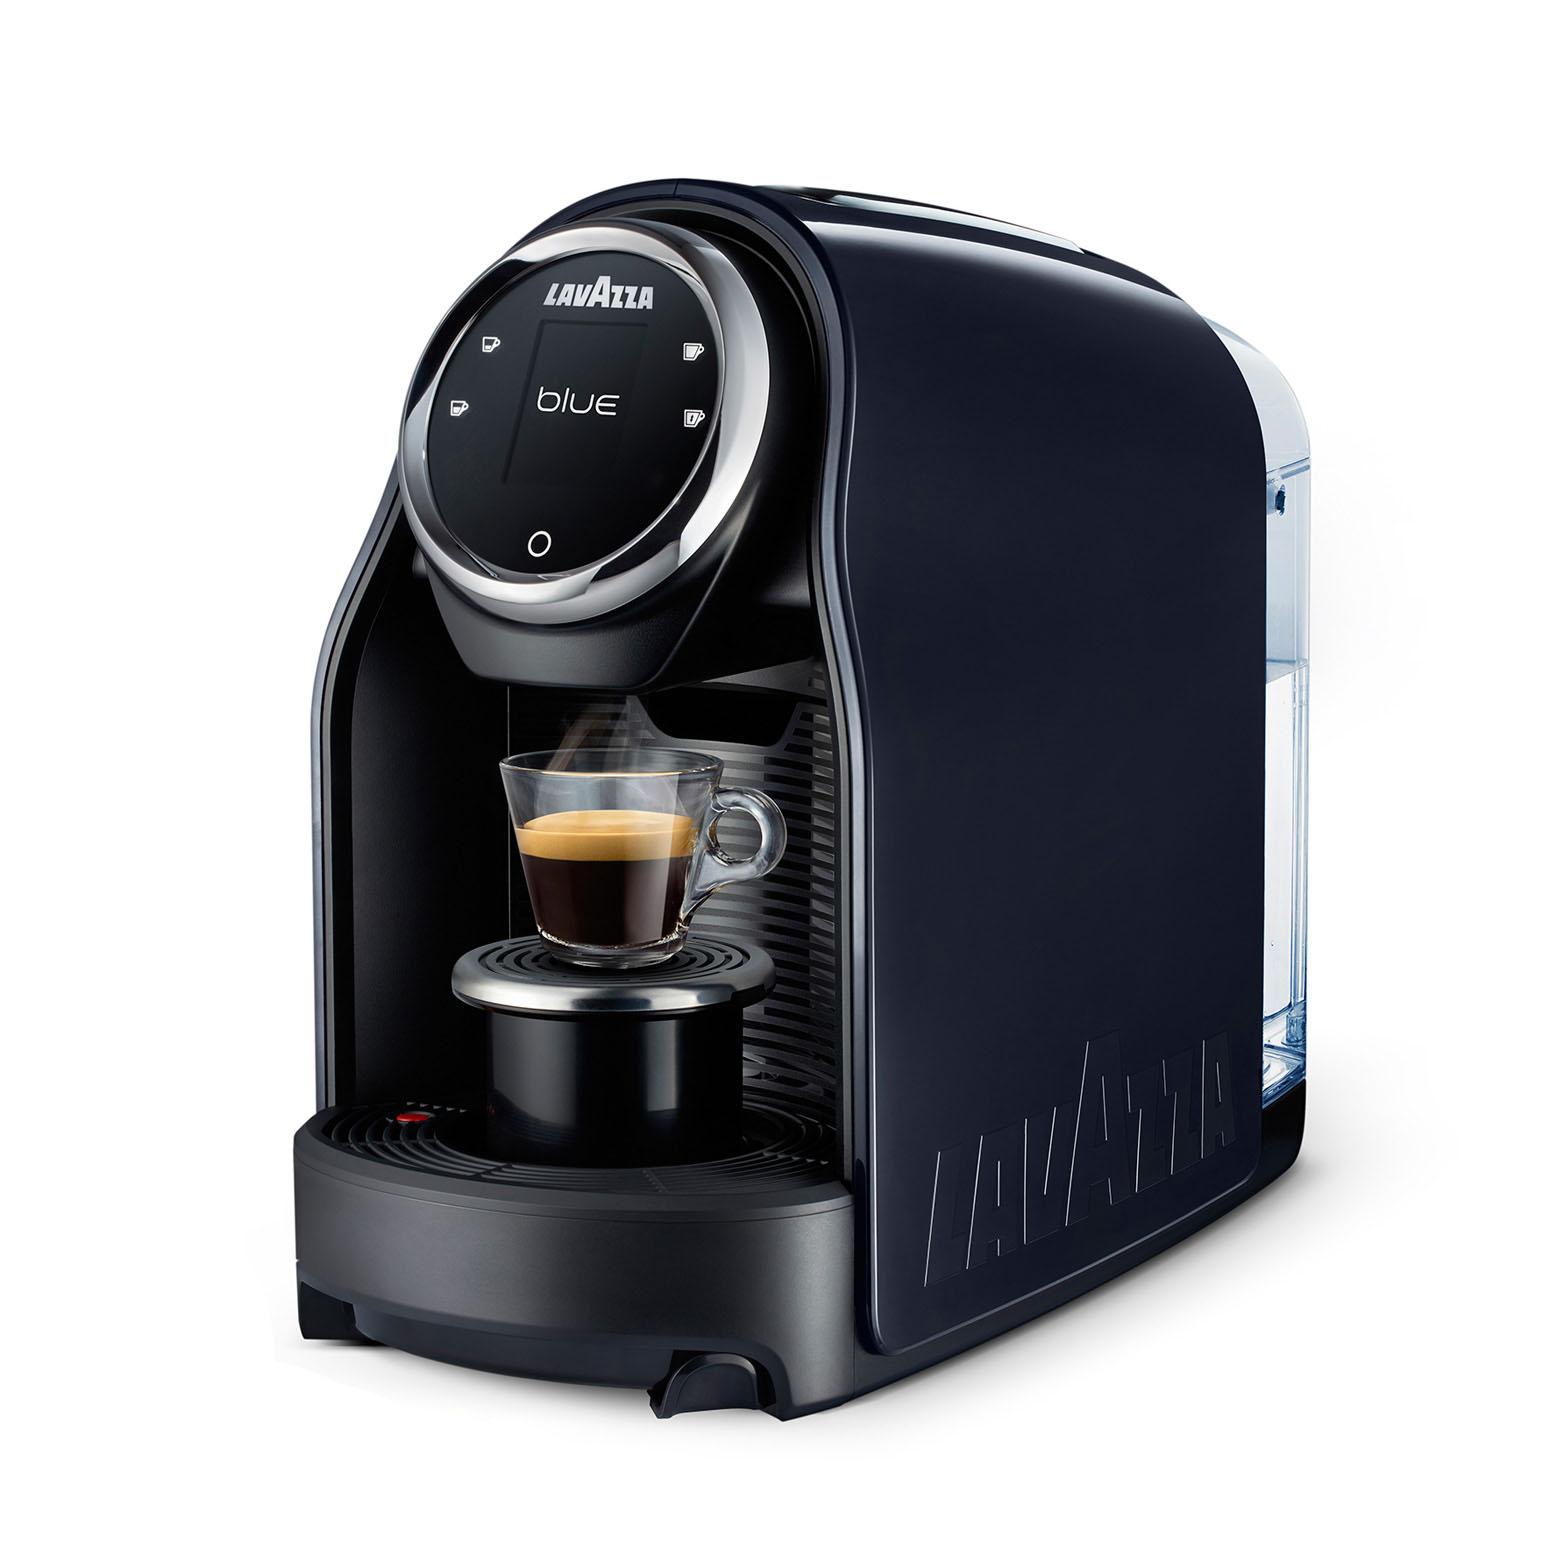 Espressor Lavazza LB 1150 Classy, compatibil Lavazza Blue, 1455W, 1,8 lt, 3 selectii